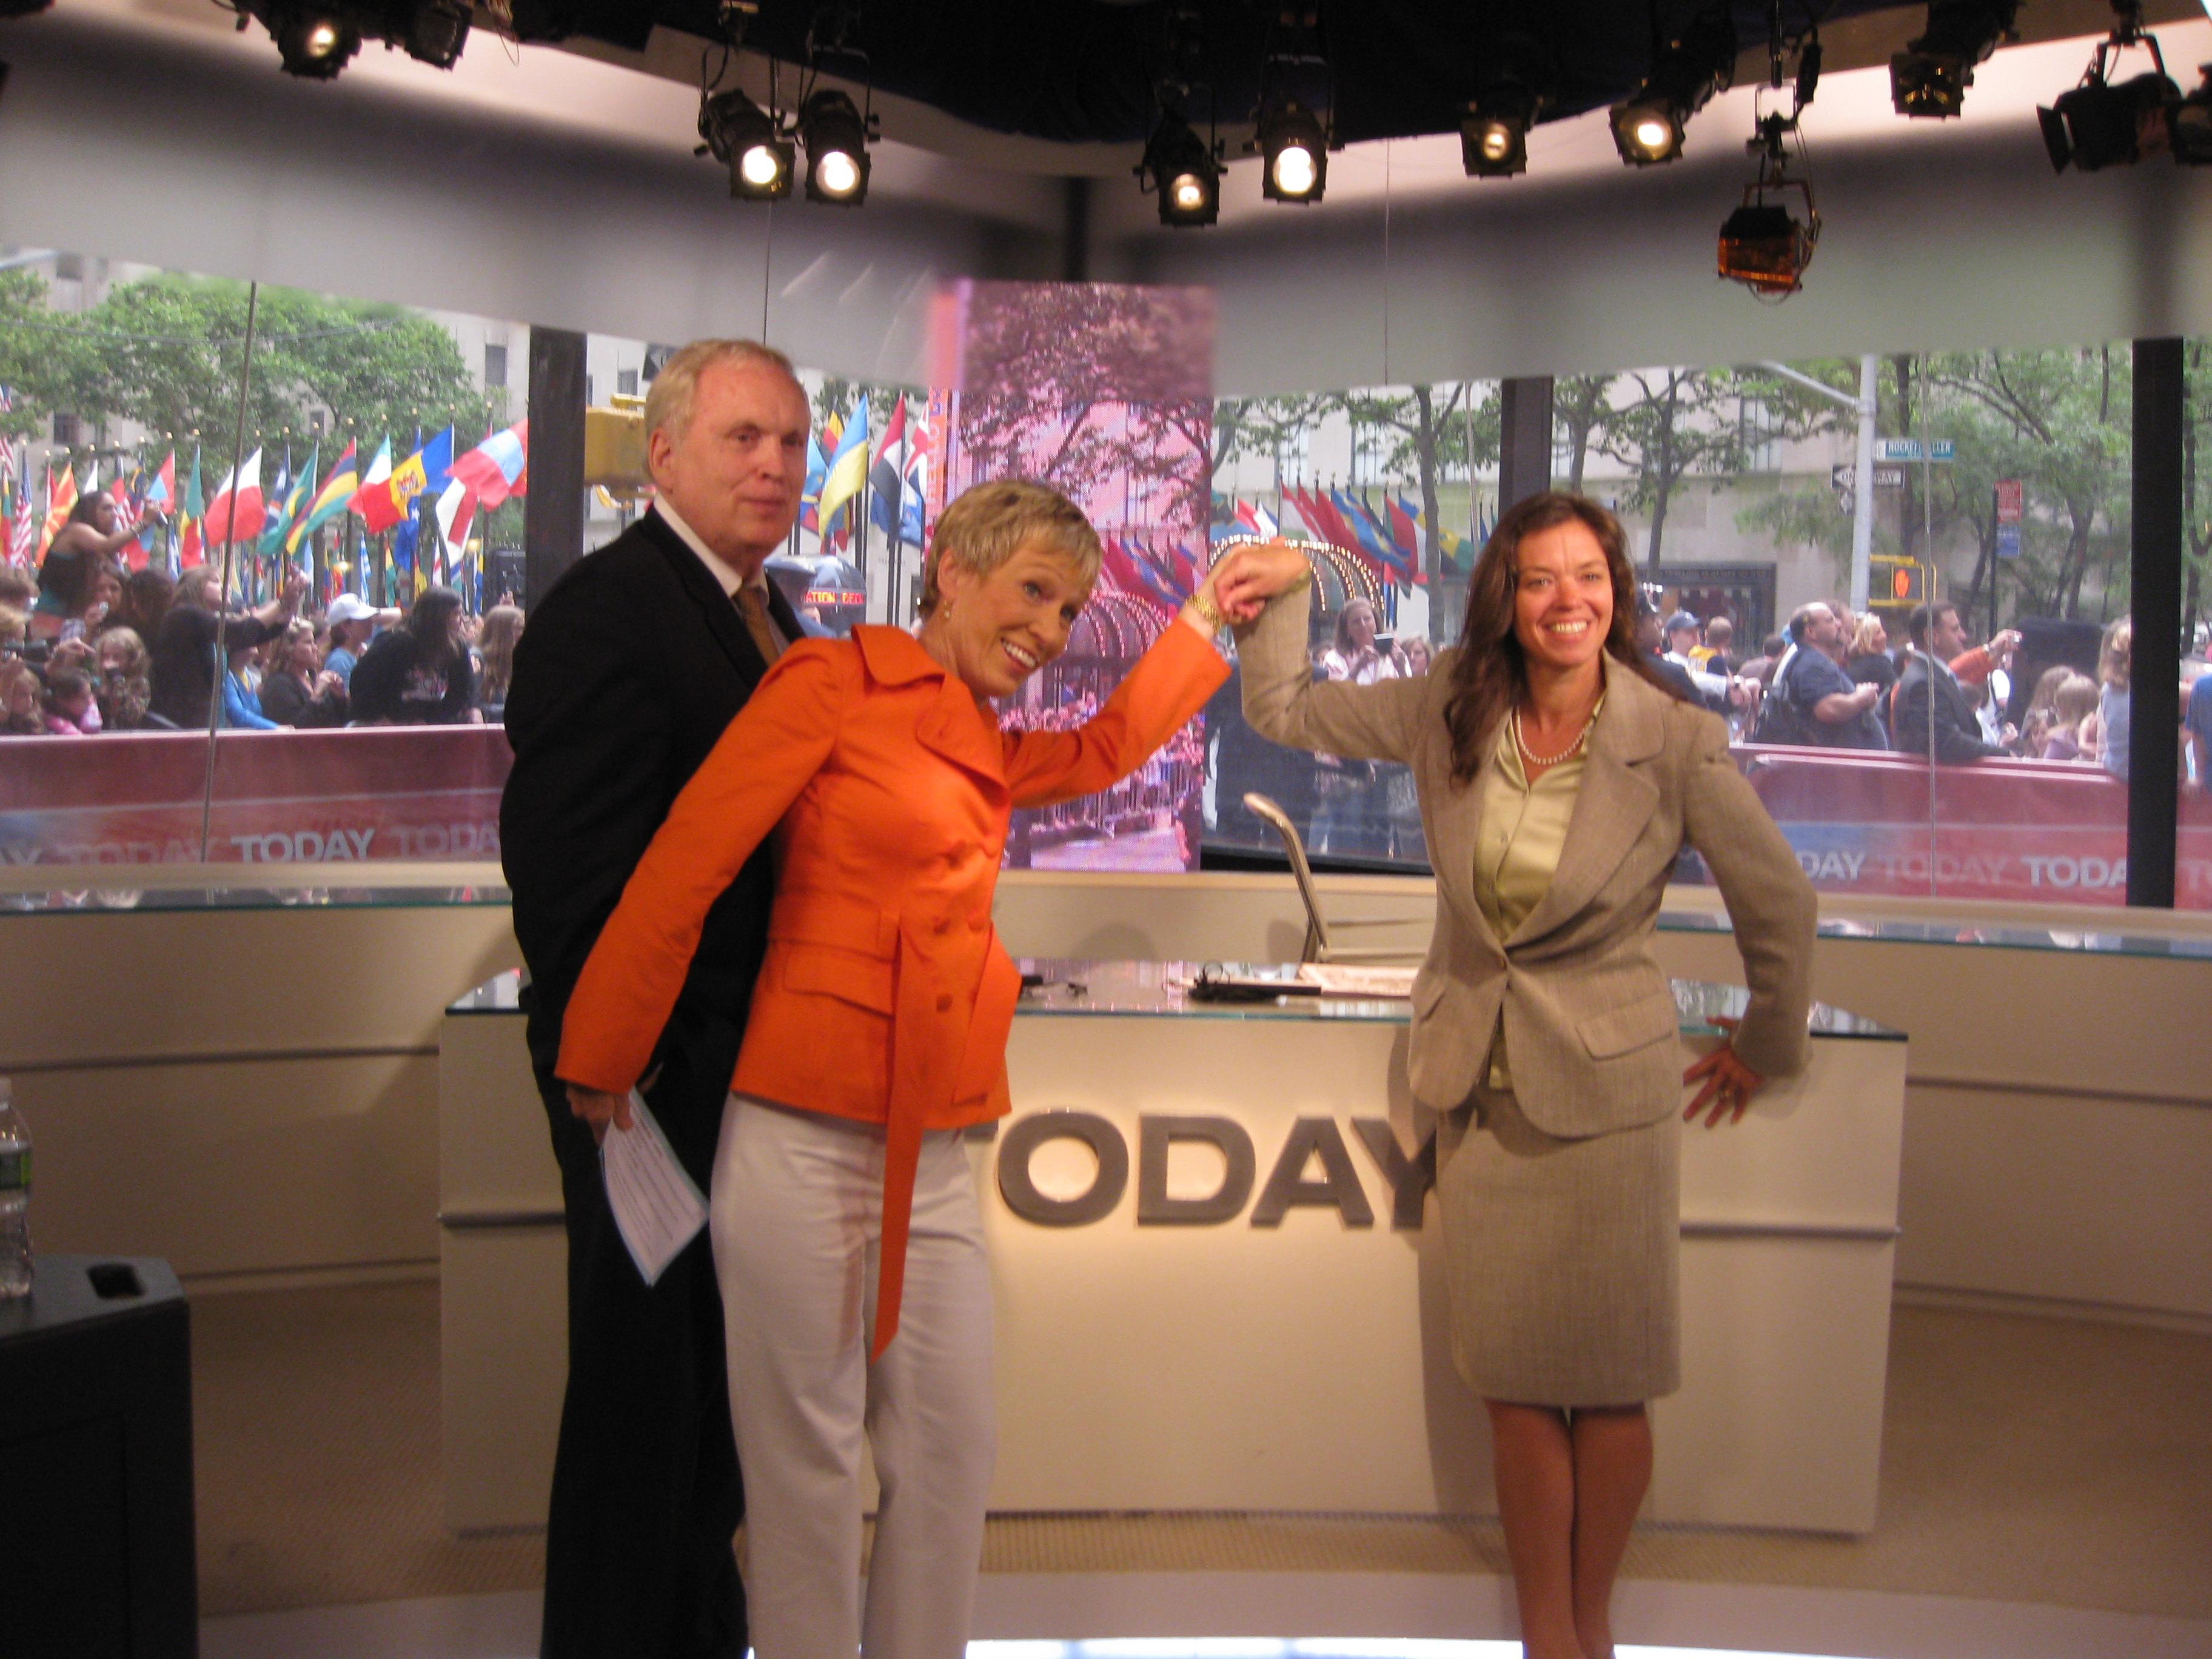 Richard Higgins, Barbara Corcoran and Julie Vanderblue